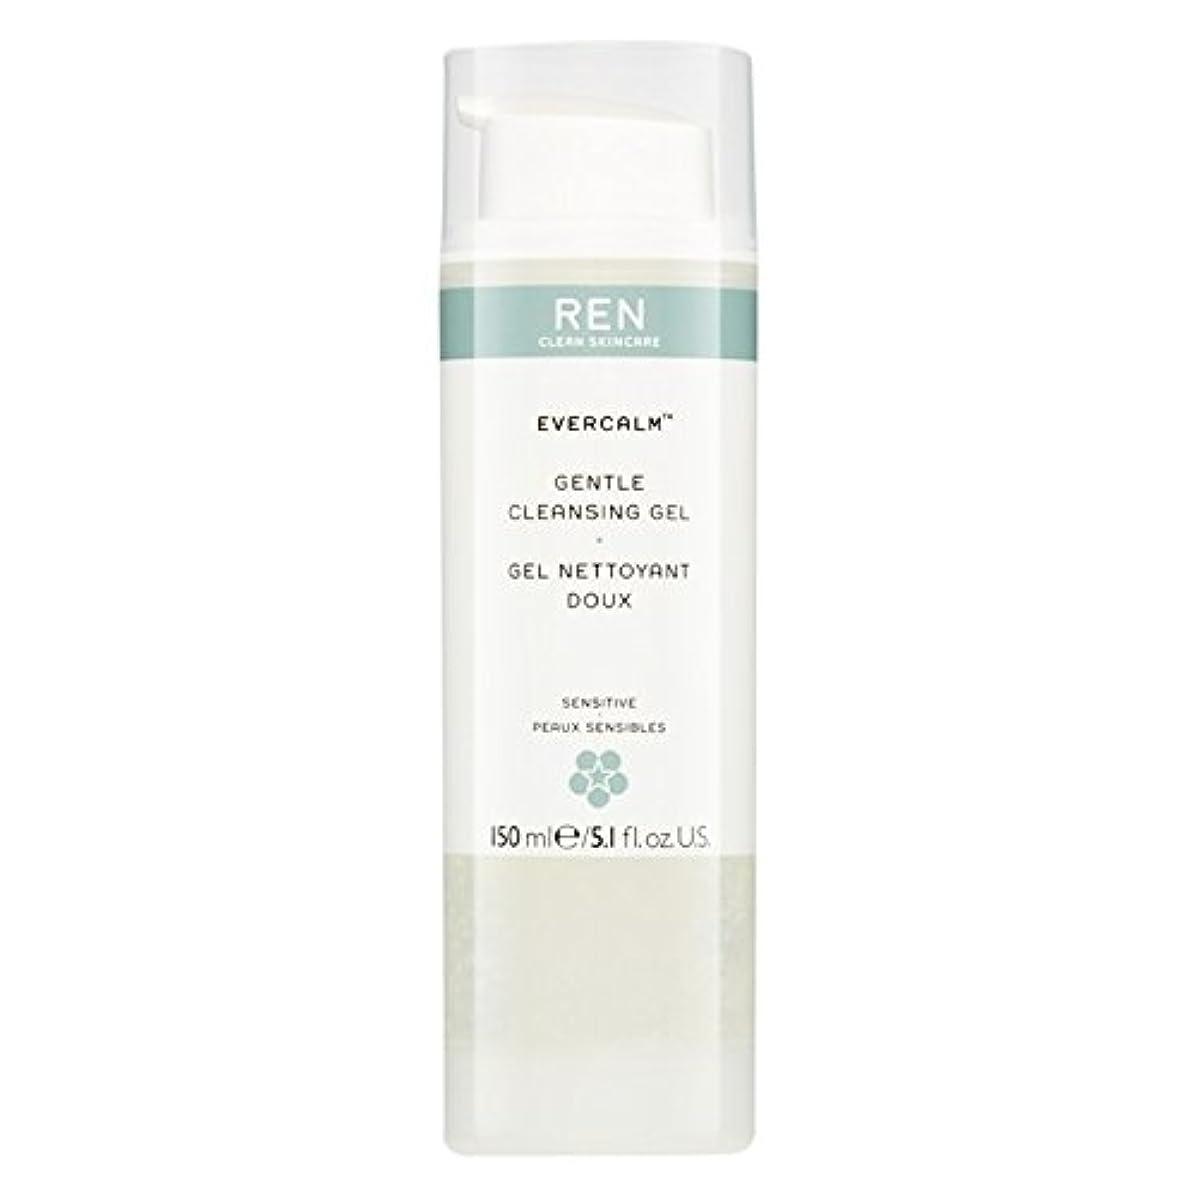 周術期もしクルーズRen Evercalm優しいクレンジングジェル、150ミリリットル (REN) (x2) - REN Evercalm Gentle Cleansing Gel, 150ml (Pack of 2) [並行輸入品]